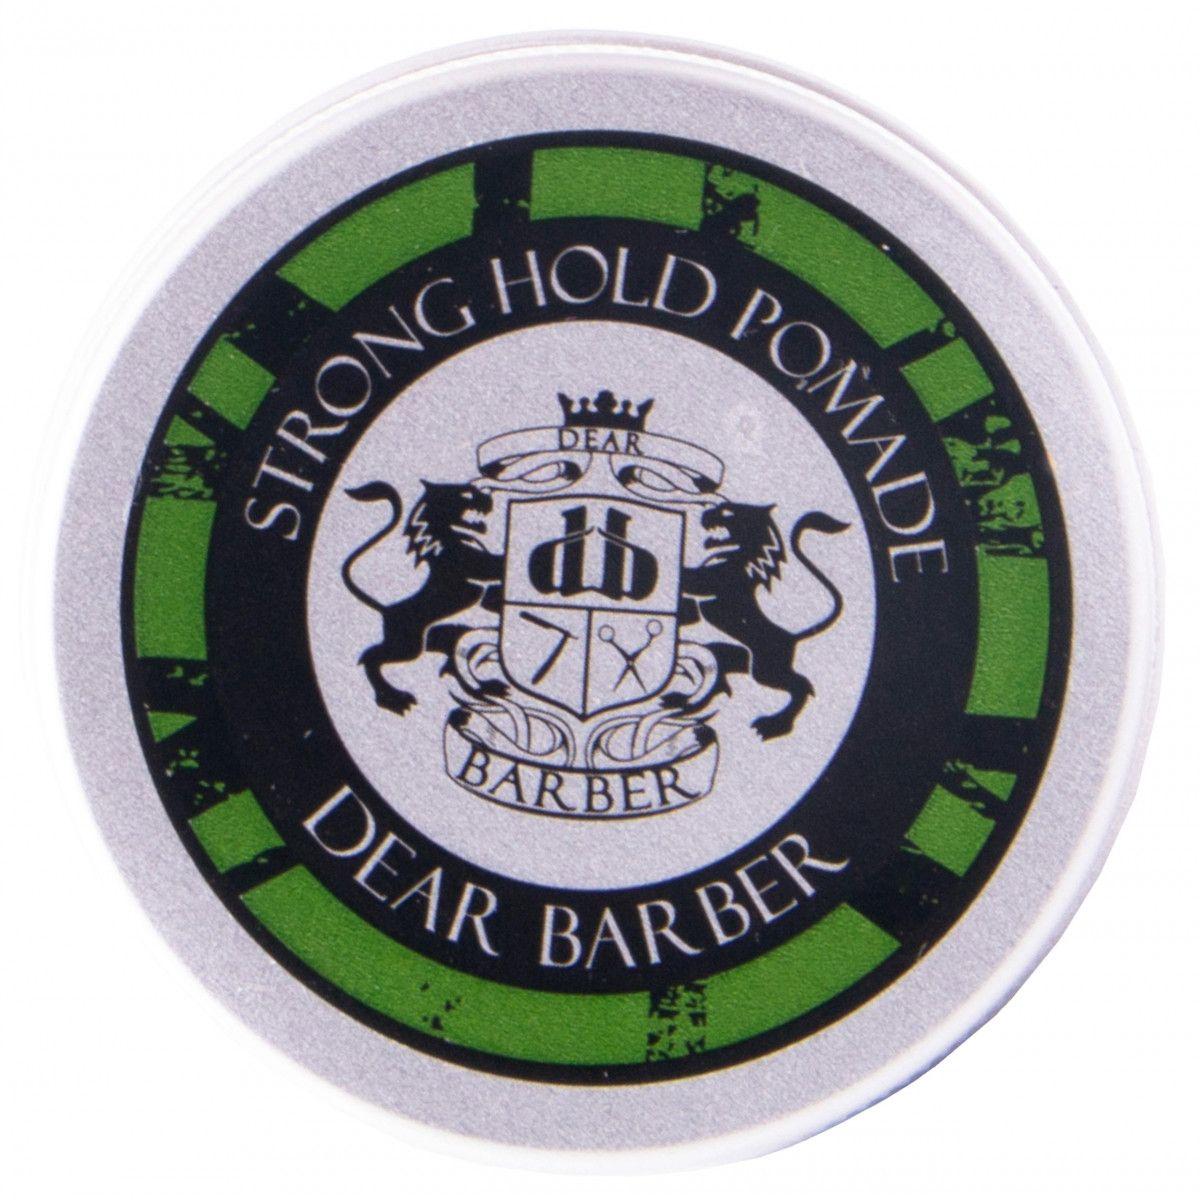 Dear Barber Travel Tin Pomade pasta z naturalnym efektem do stylizacji włosów 20 ml